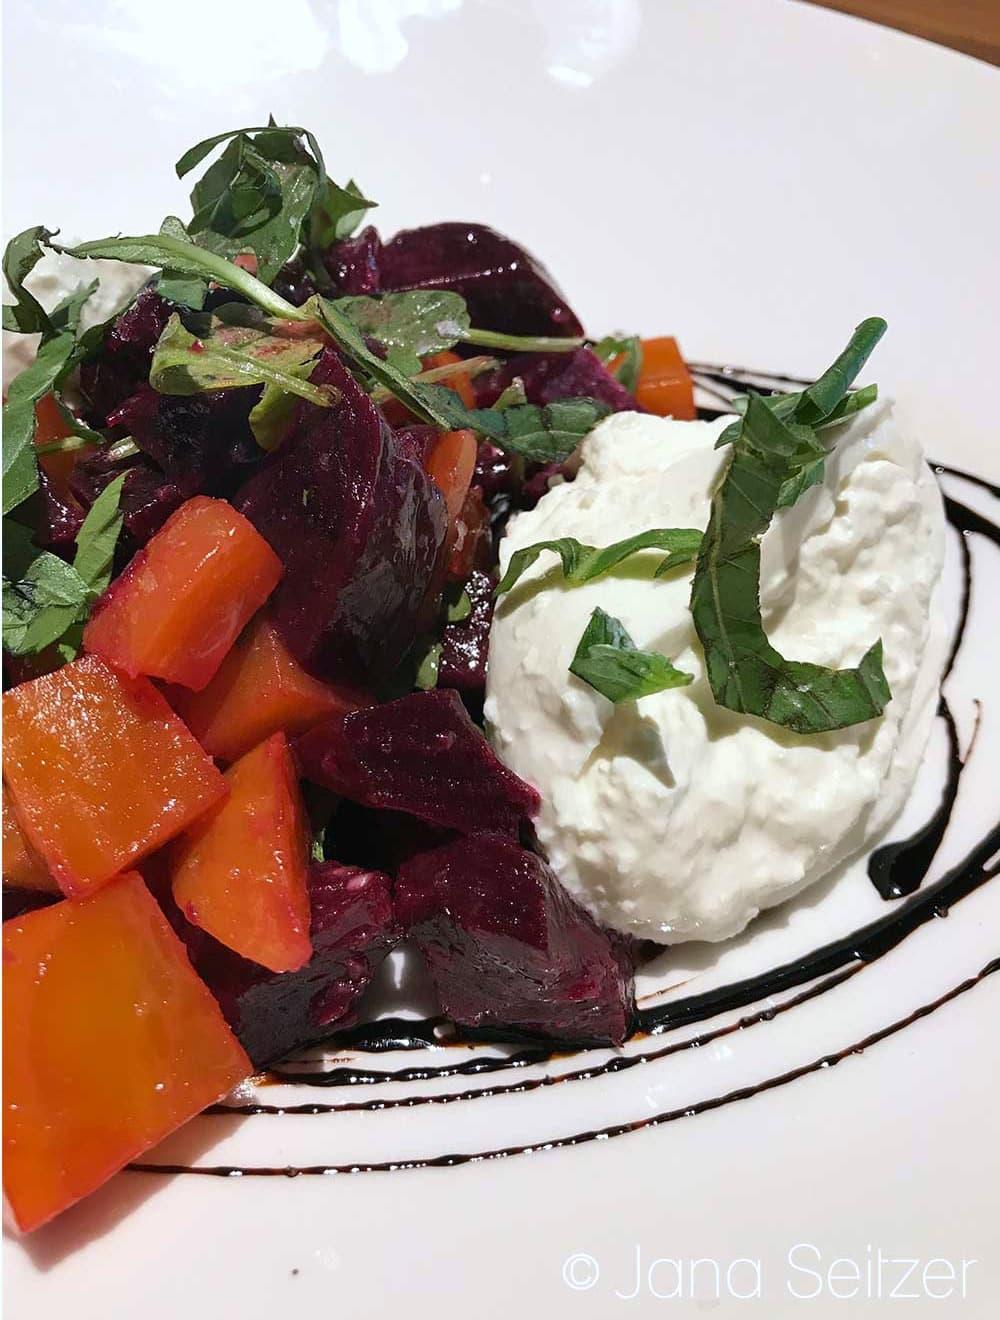 Michael Jordan Steakhouse – Ilani Casino - Roasted Beet & Burrata Arugula Salad